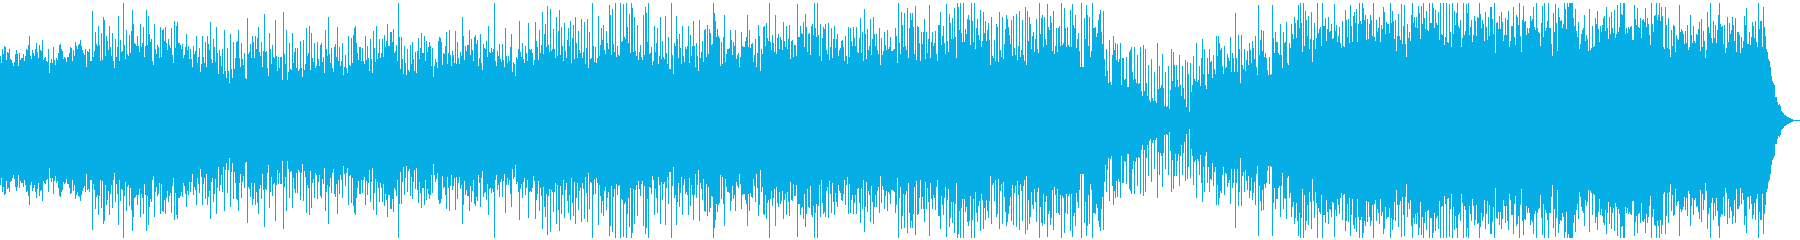 ほのぼのと奏でるライト・ロックの再生済みの波形